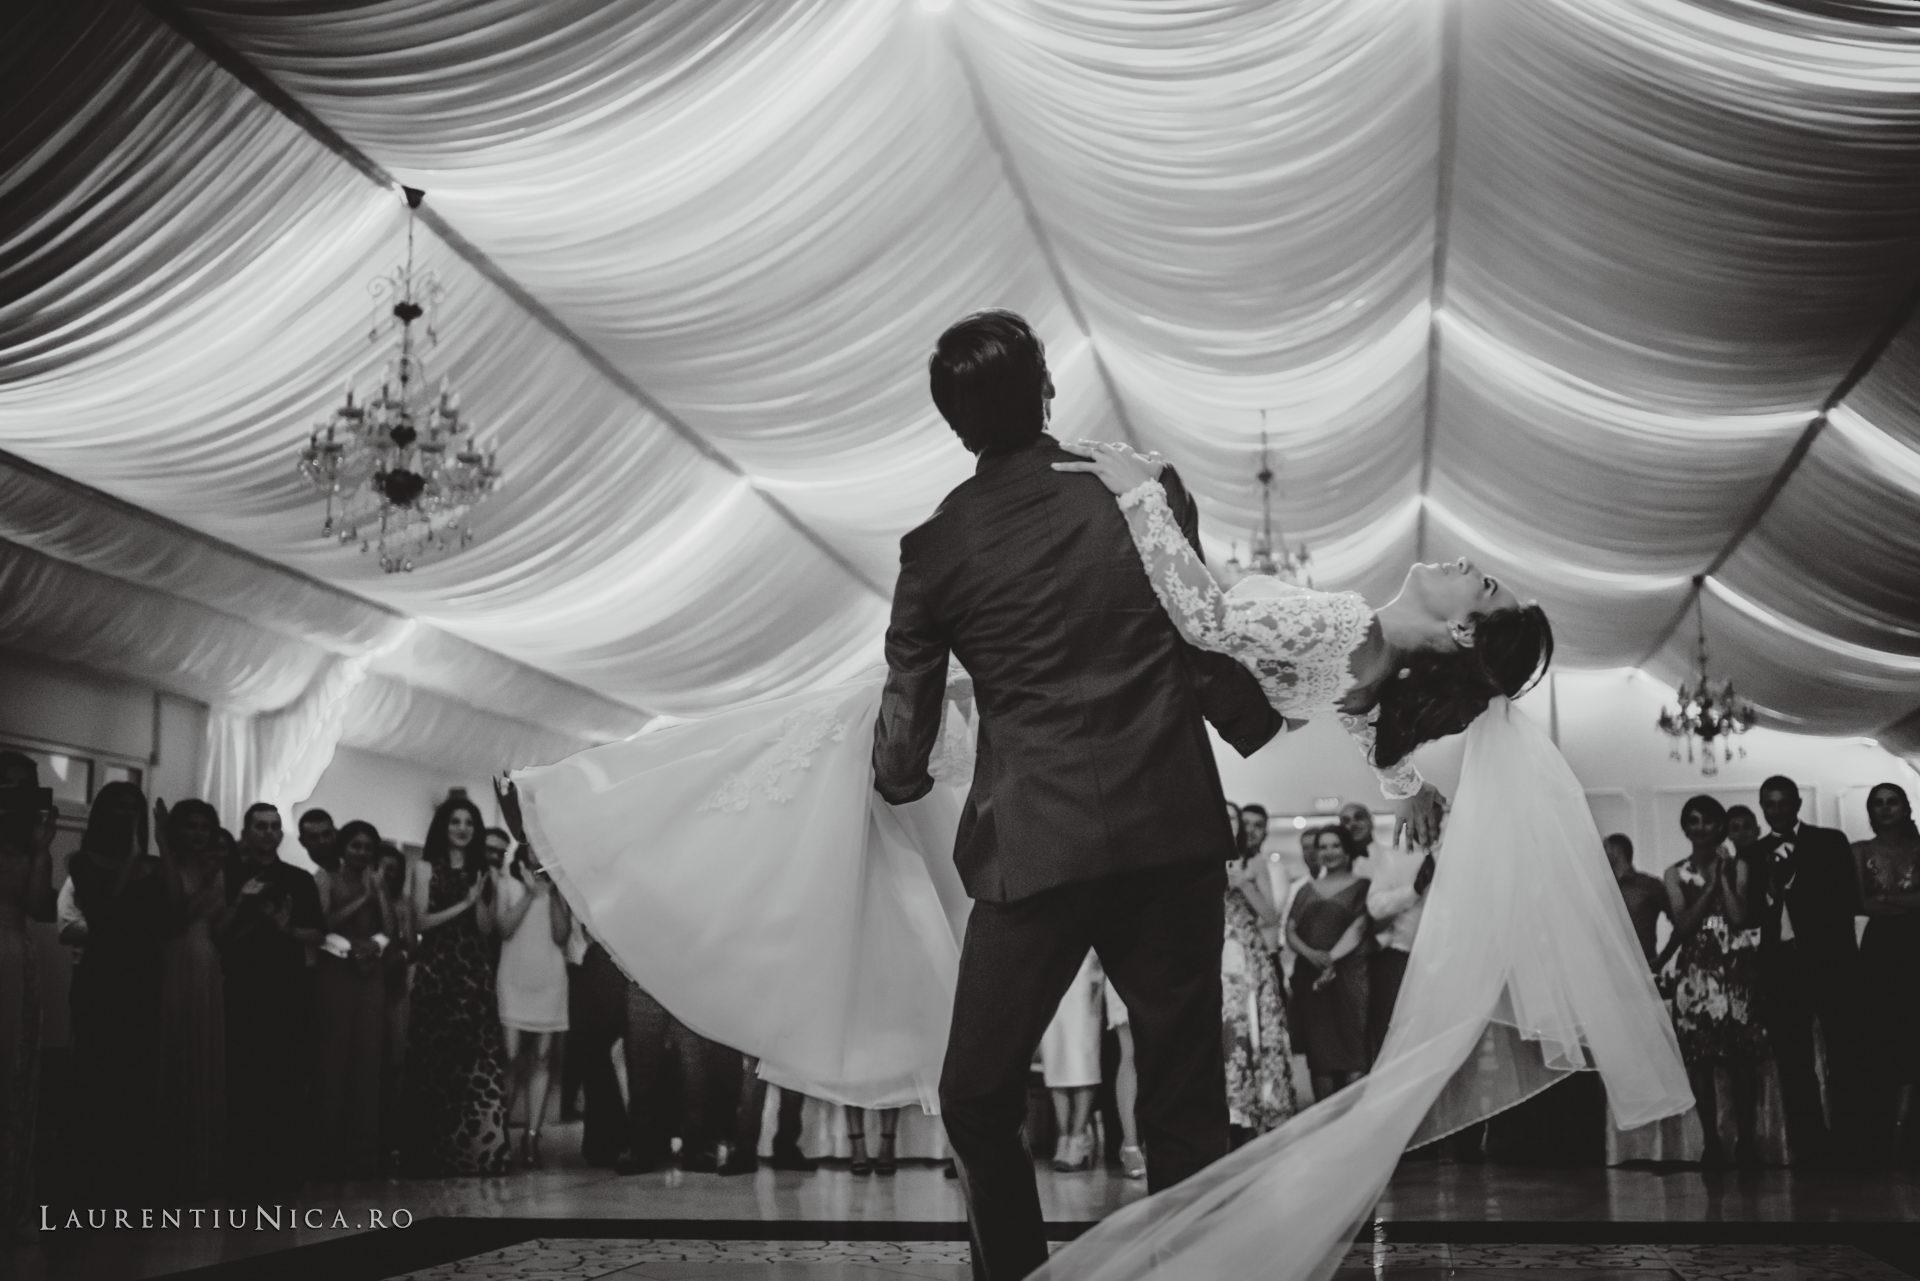 Cristina si Ovidiu nunta Craiova fotograf laurentiu nica 126 - Cristina & Ovidiu | Fotografii nunta | Craiova